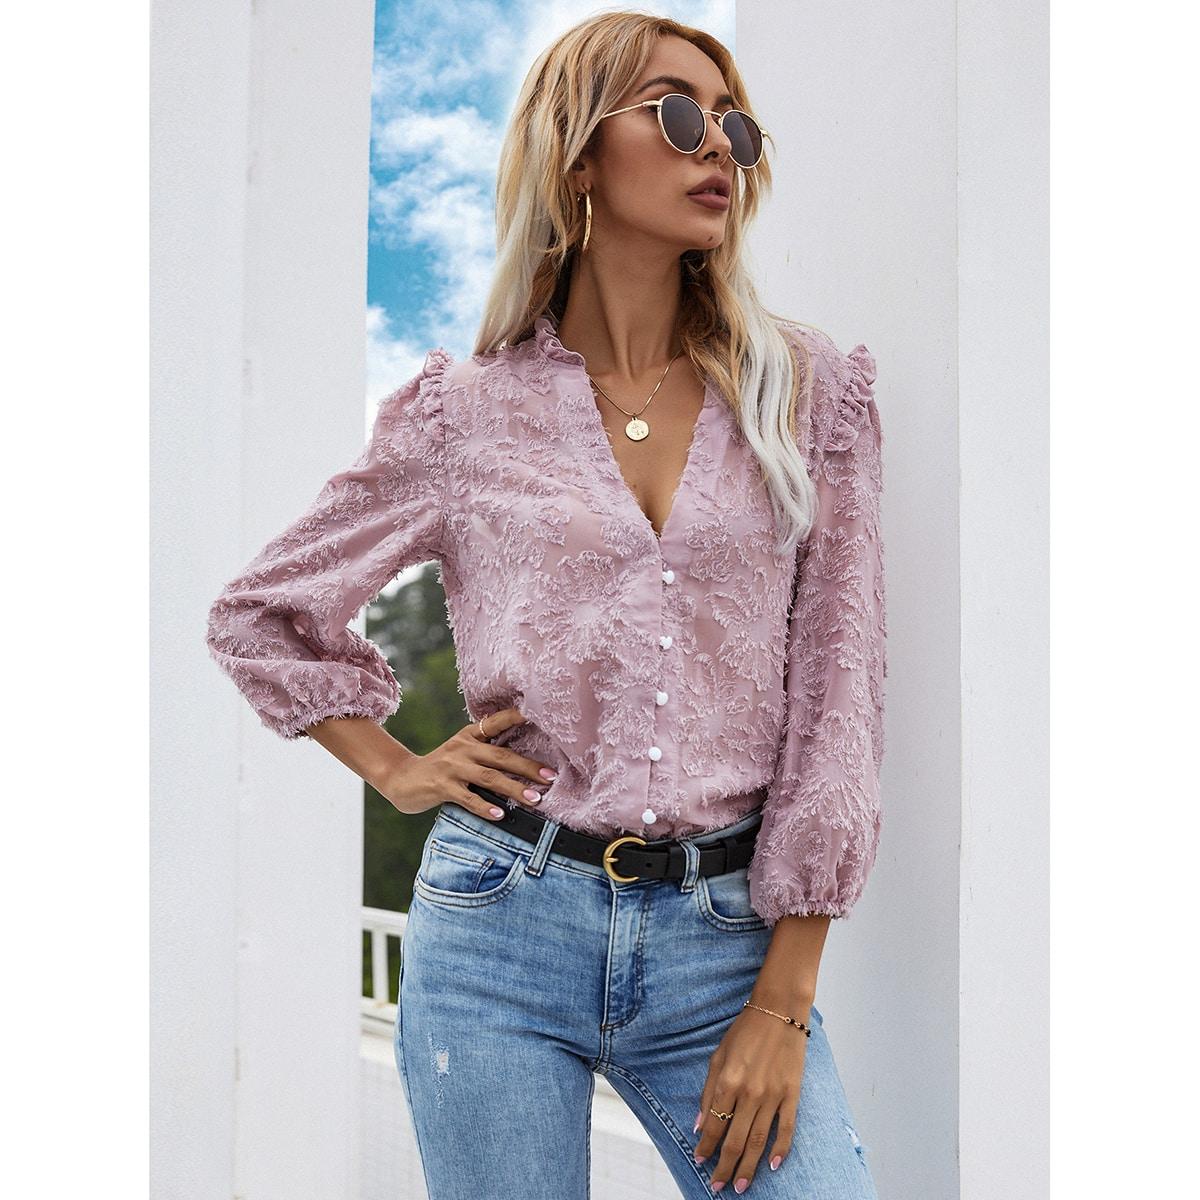 Оборка Одноцветный Повседневный Блузы по цене 950